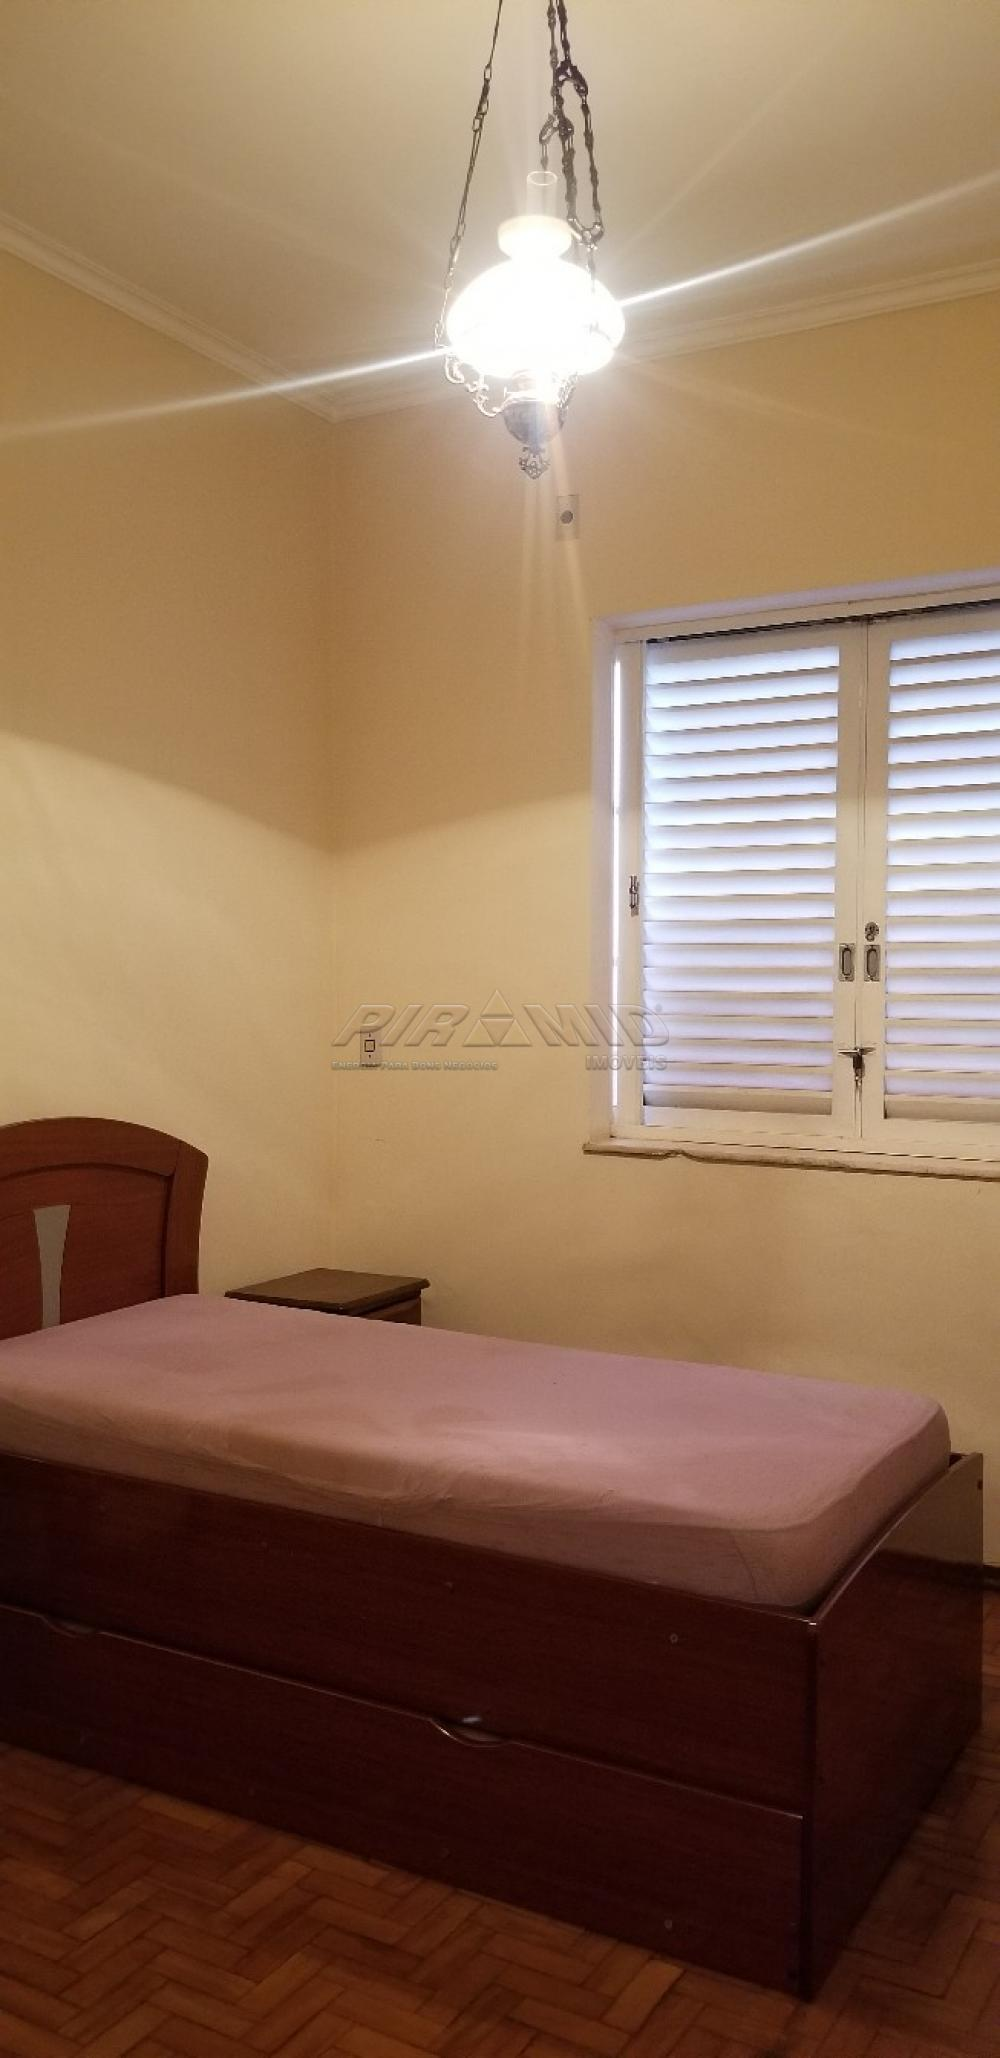 Alugar Casa / Padrão em Ribeirão Preto R$ 1.500,00 - Foto 24